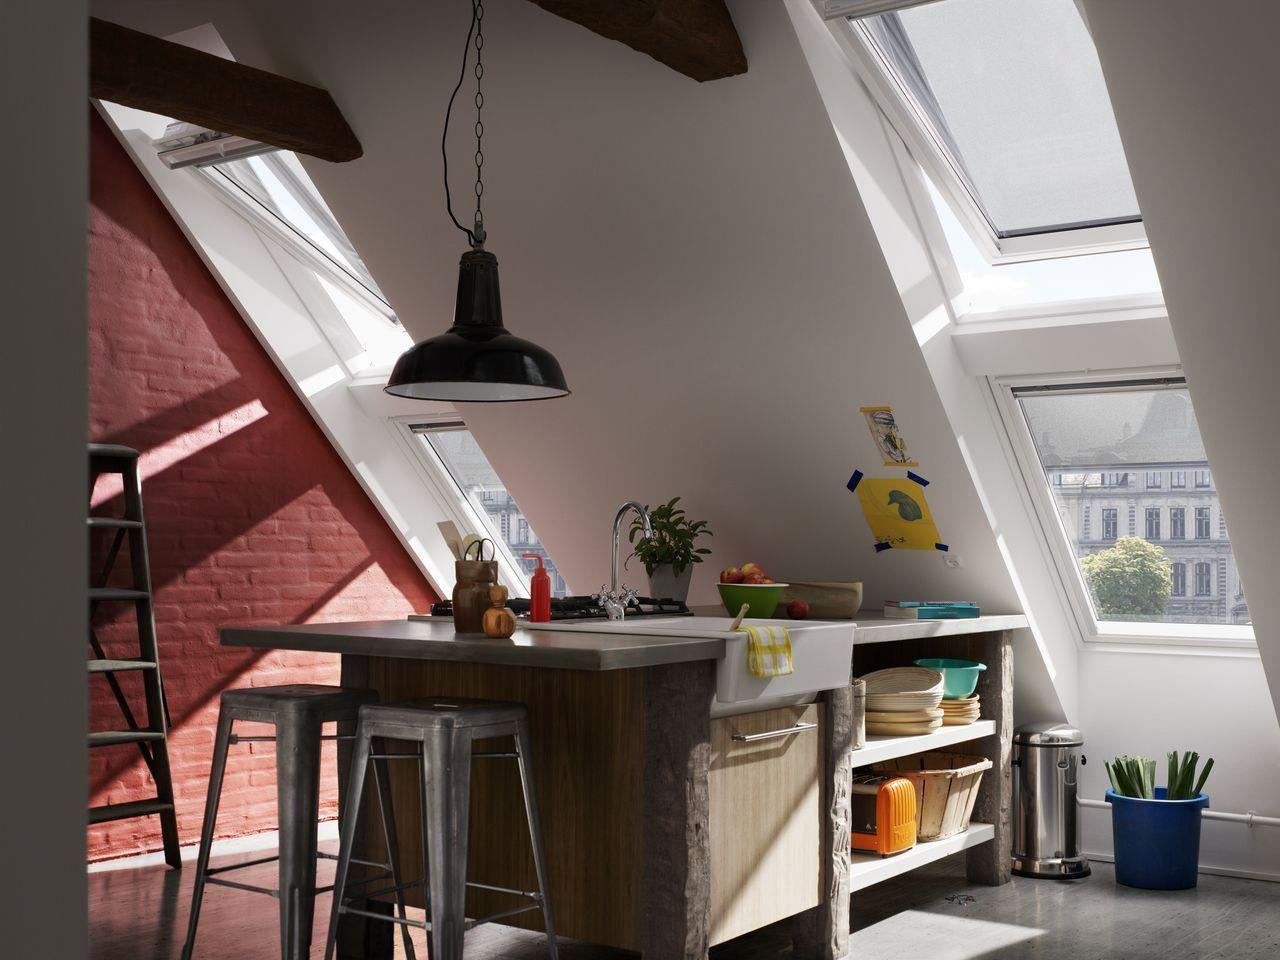 Moderne Küche mit viel Tageslicht und frische Luft